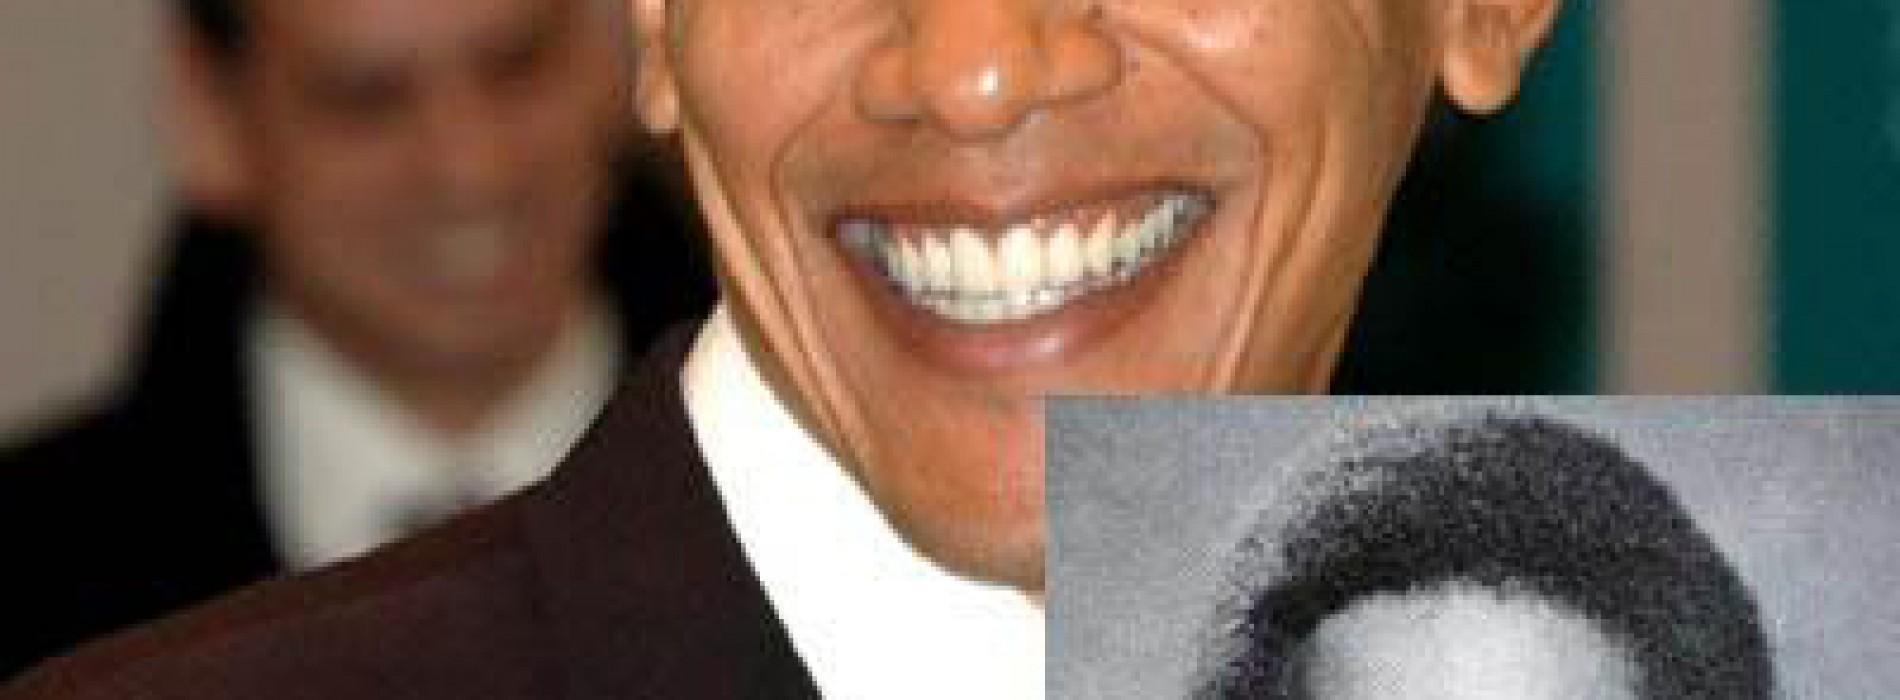 صور | اوباما , بوش , كلينتون / ايام الشباب :D